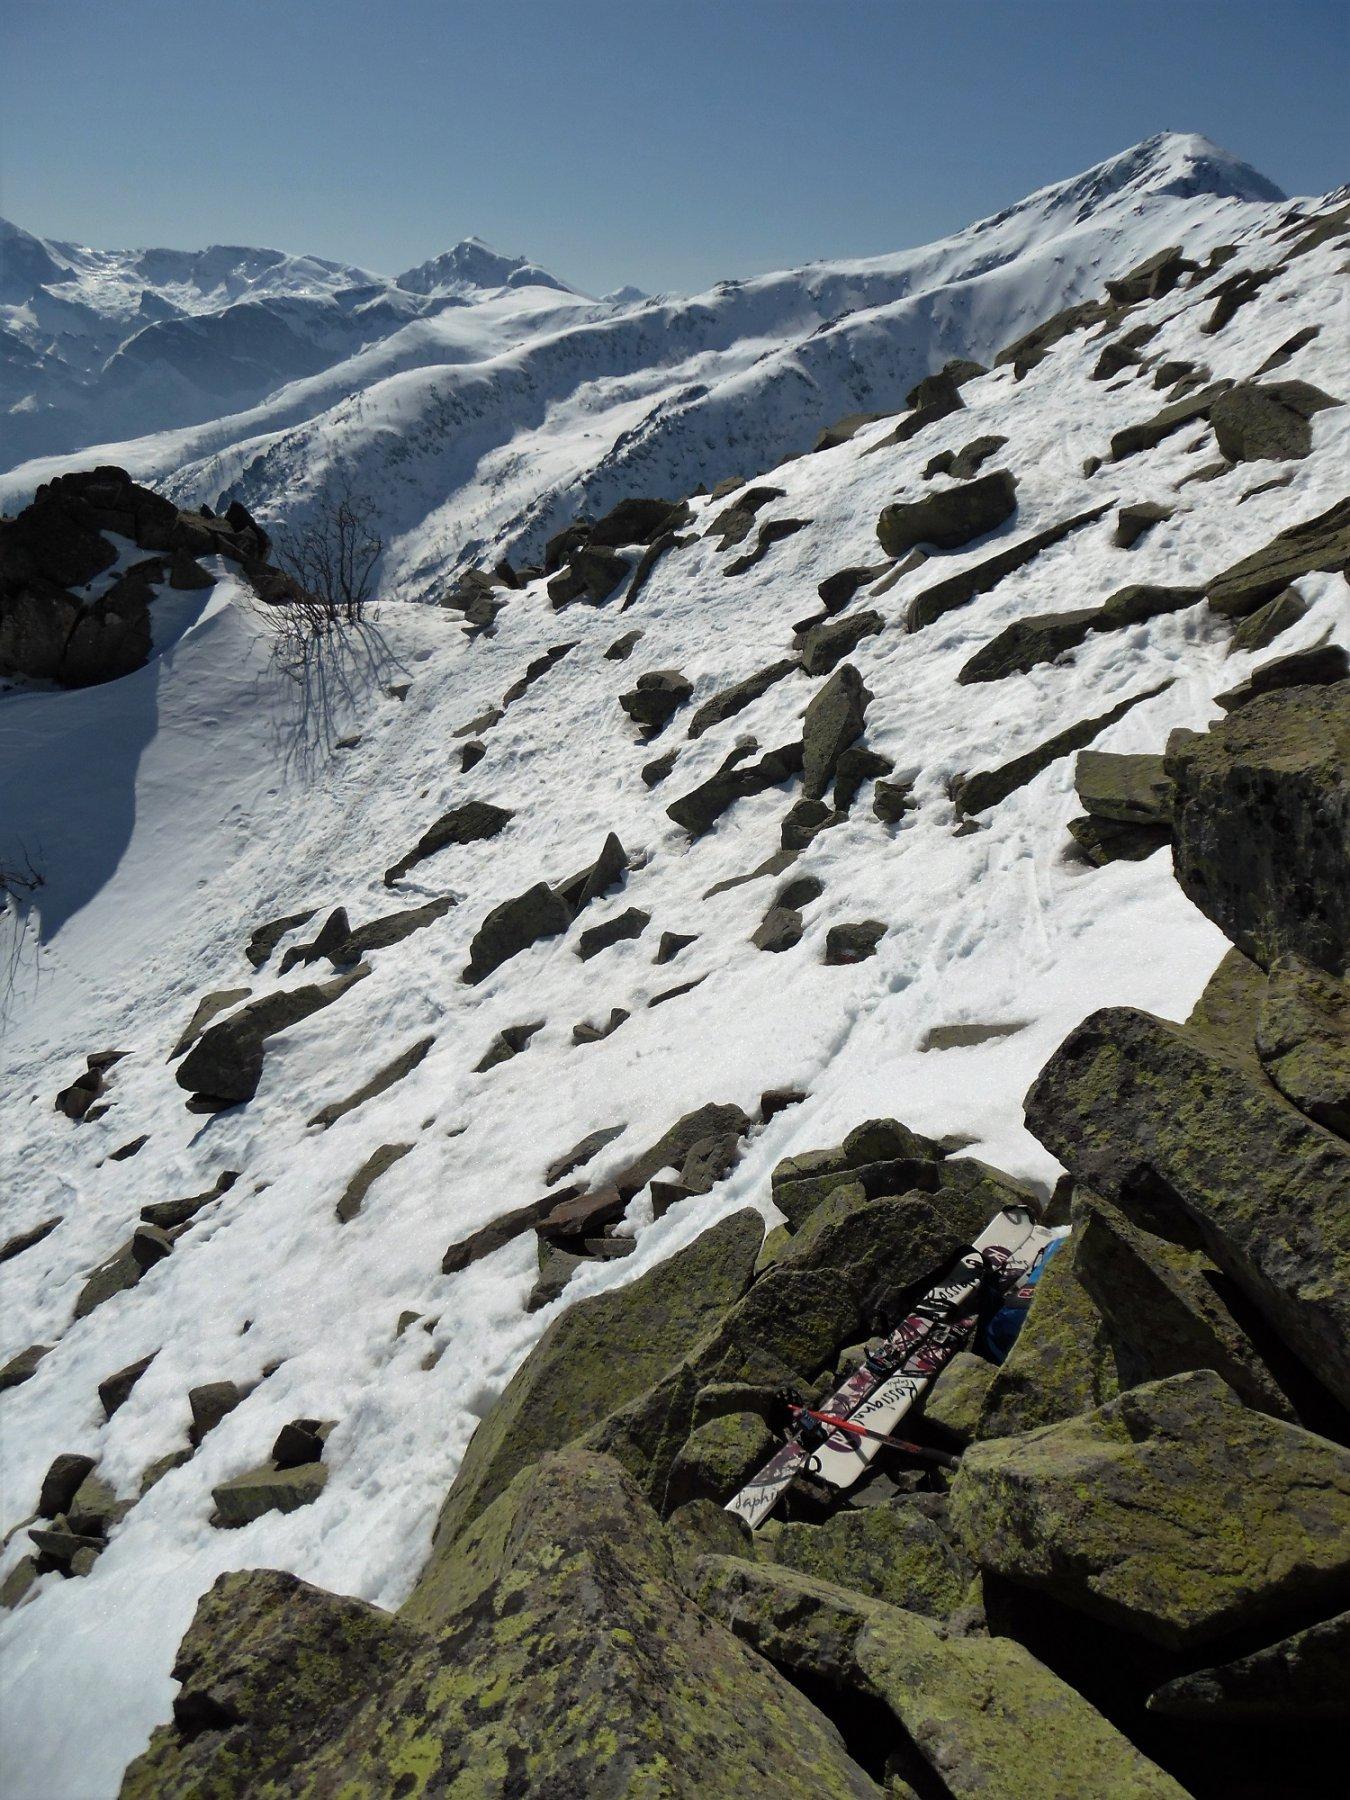 L'abbandono degli sci e le rocce affioranti